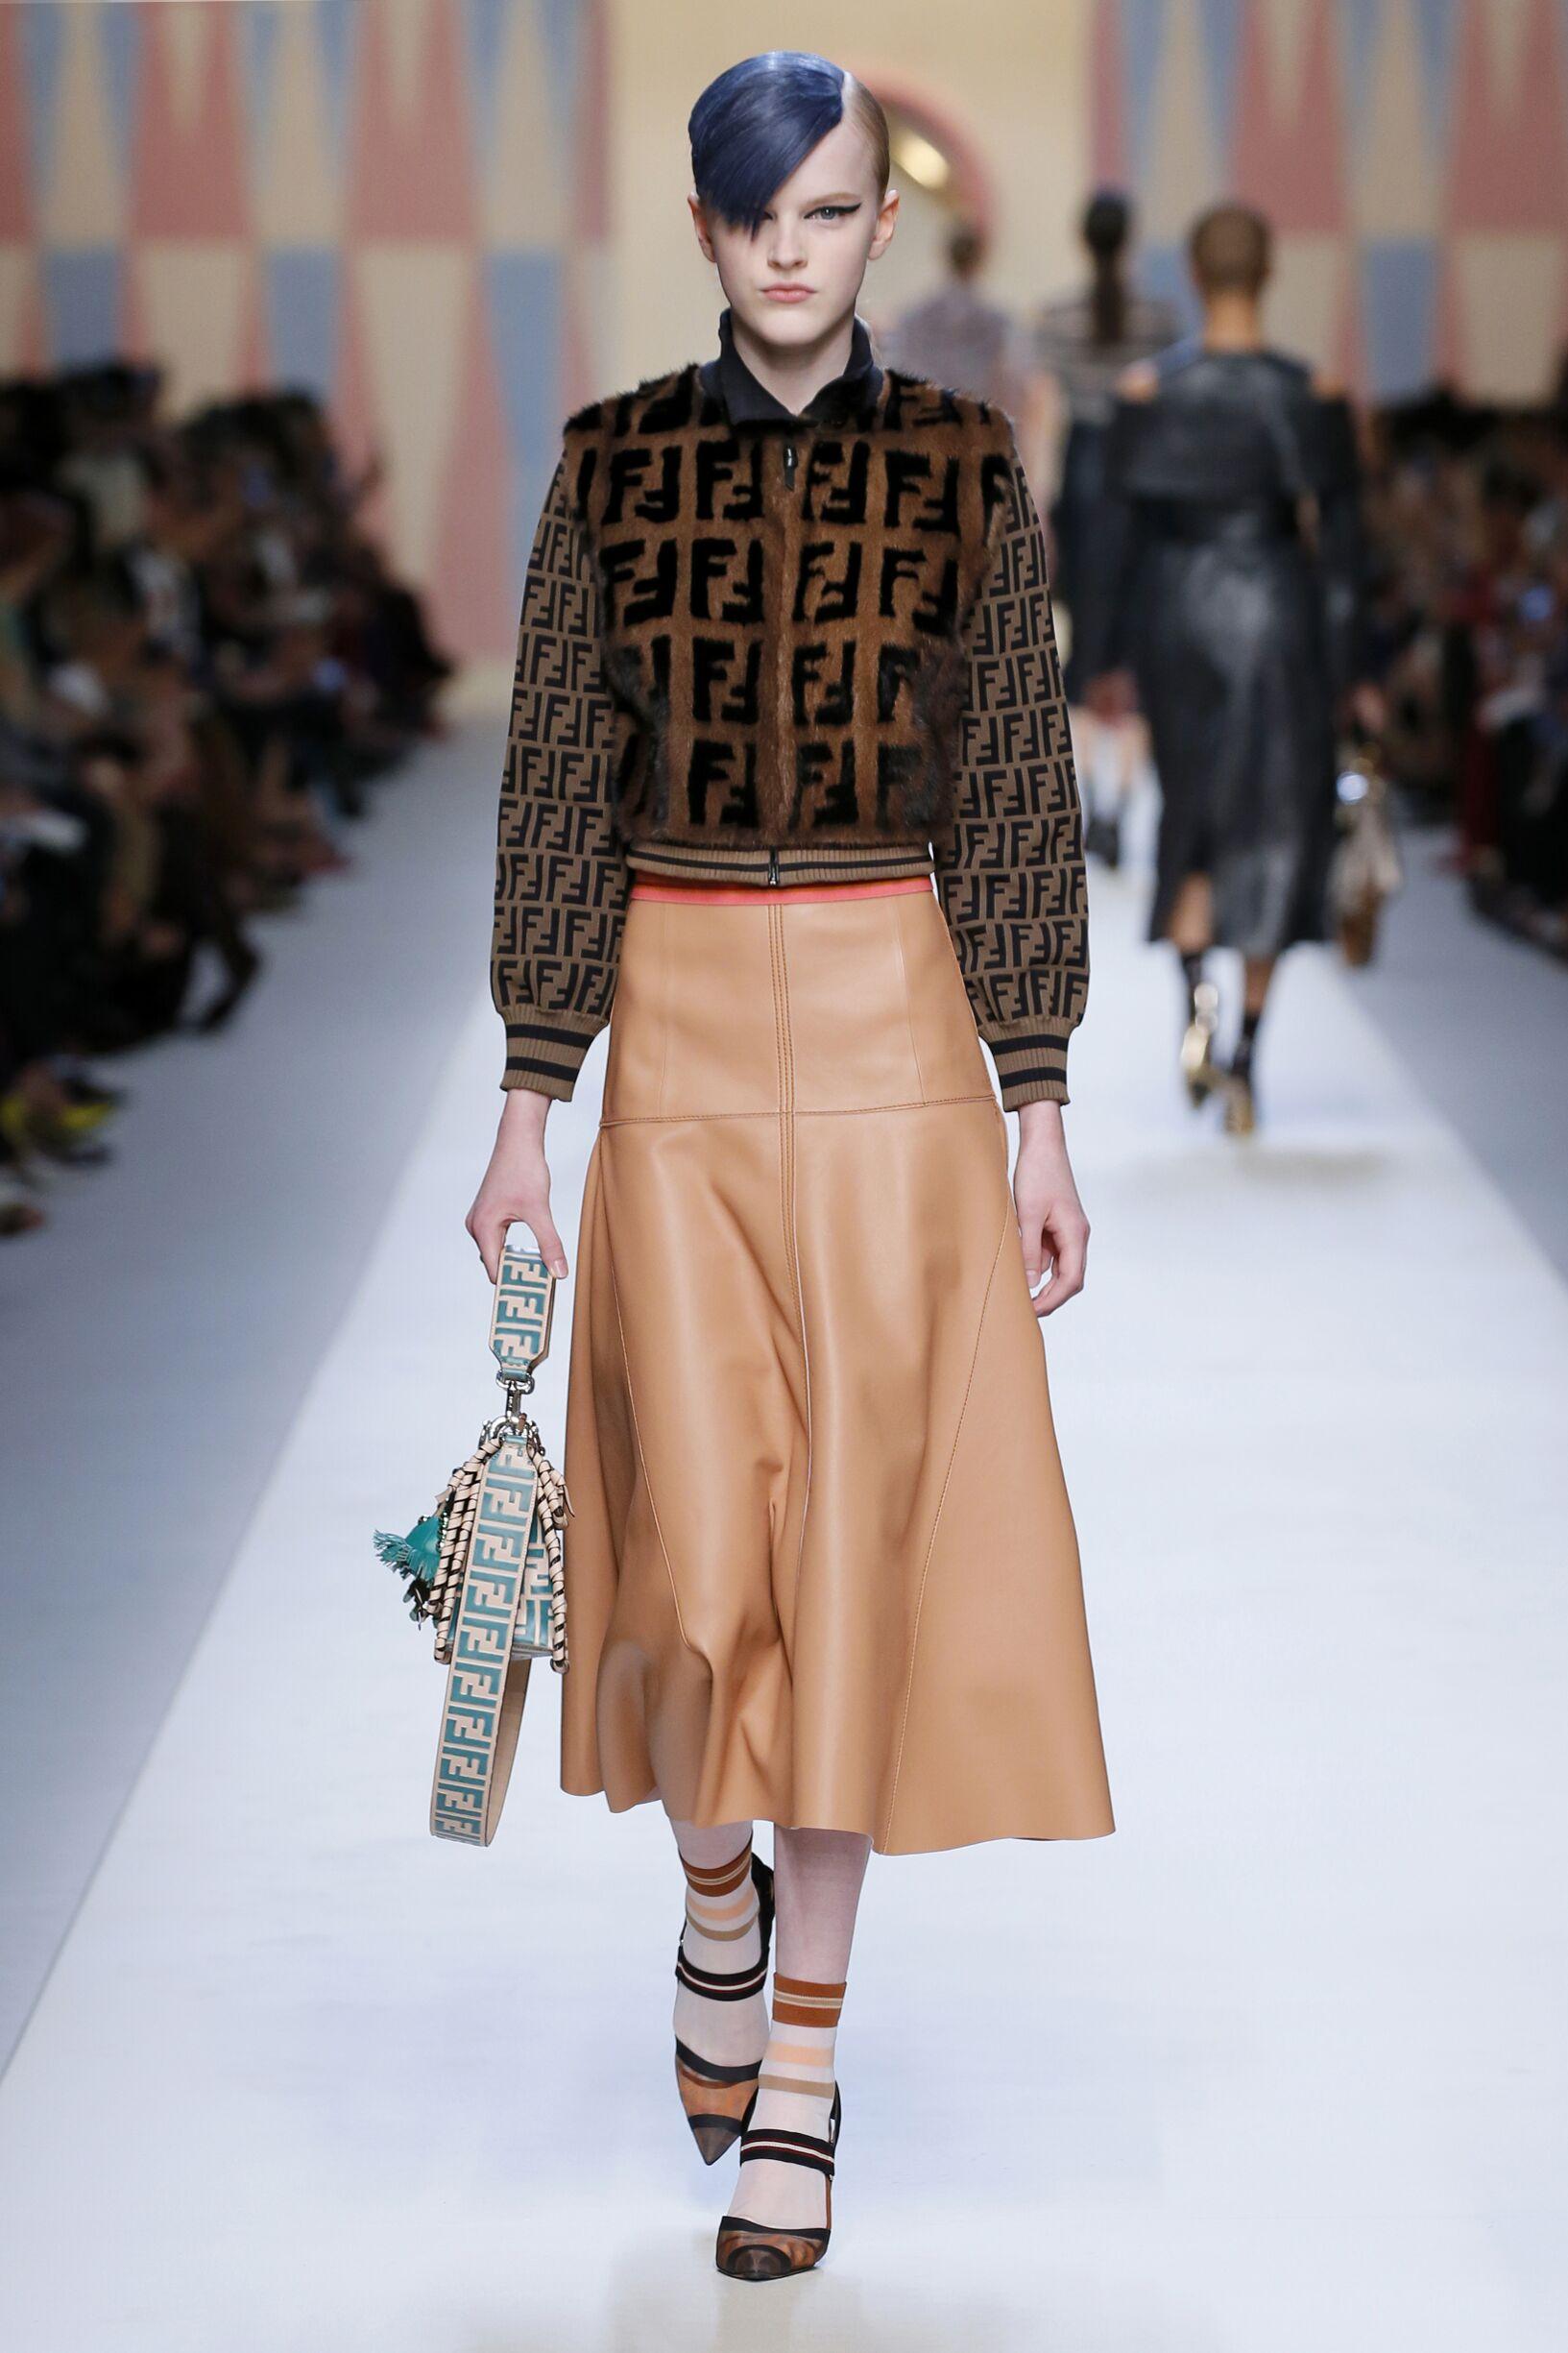 863cd01259 Fendi Spring Summer 2018 Womens Collection Milan Fashion Week